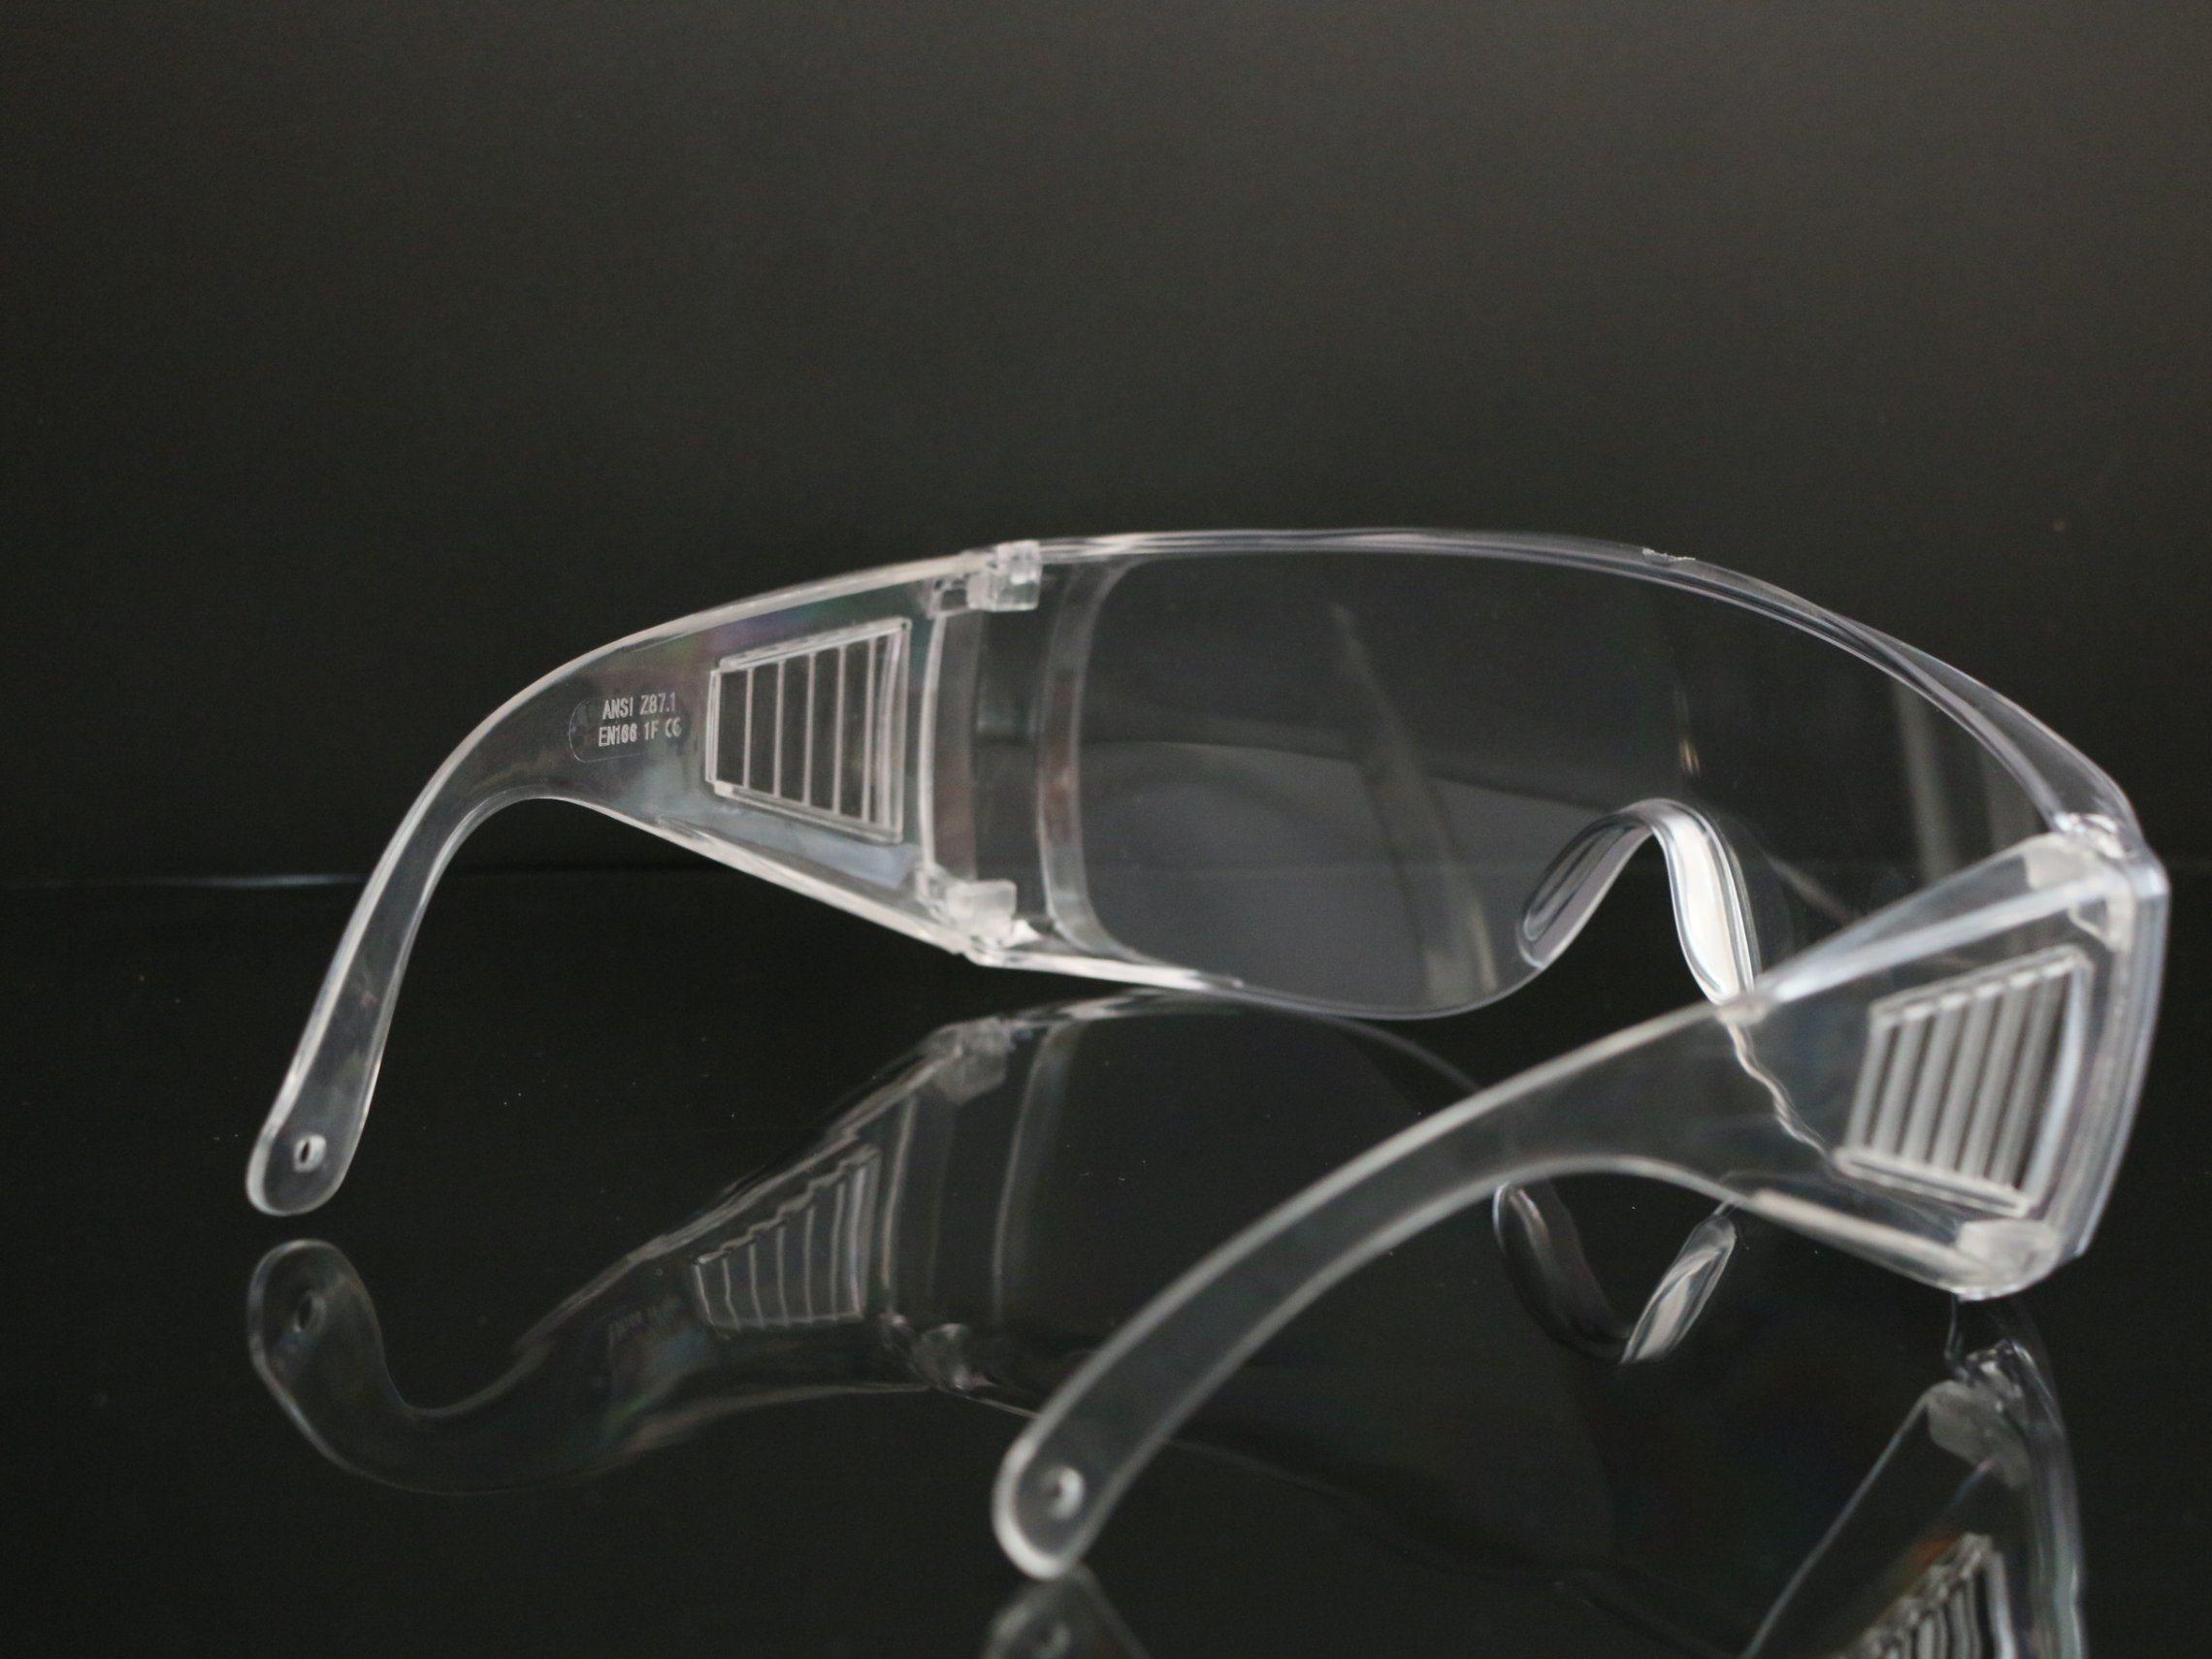 Pc-beschermende stofwerende veiligheidsbril met heldere lenzen Veiligheid Bril